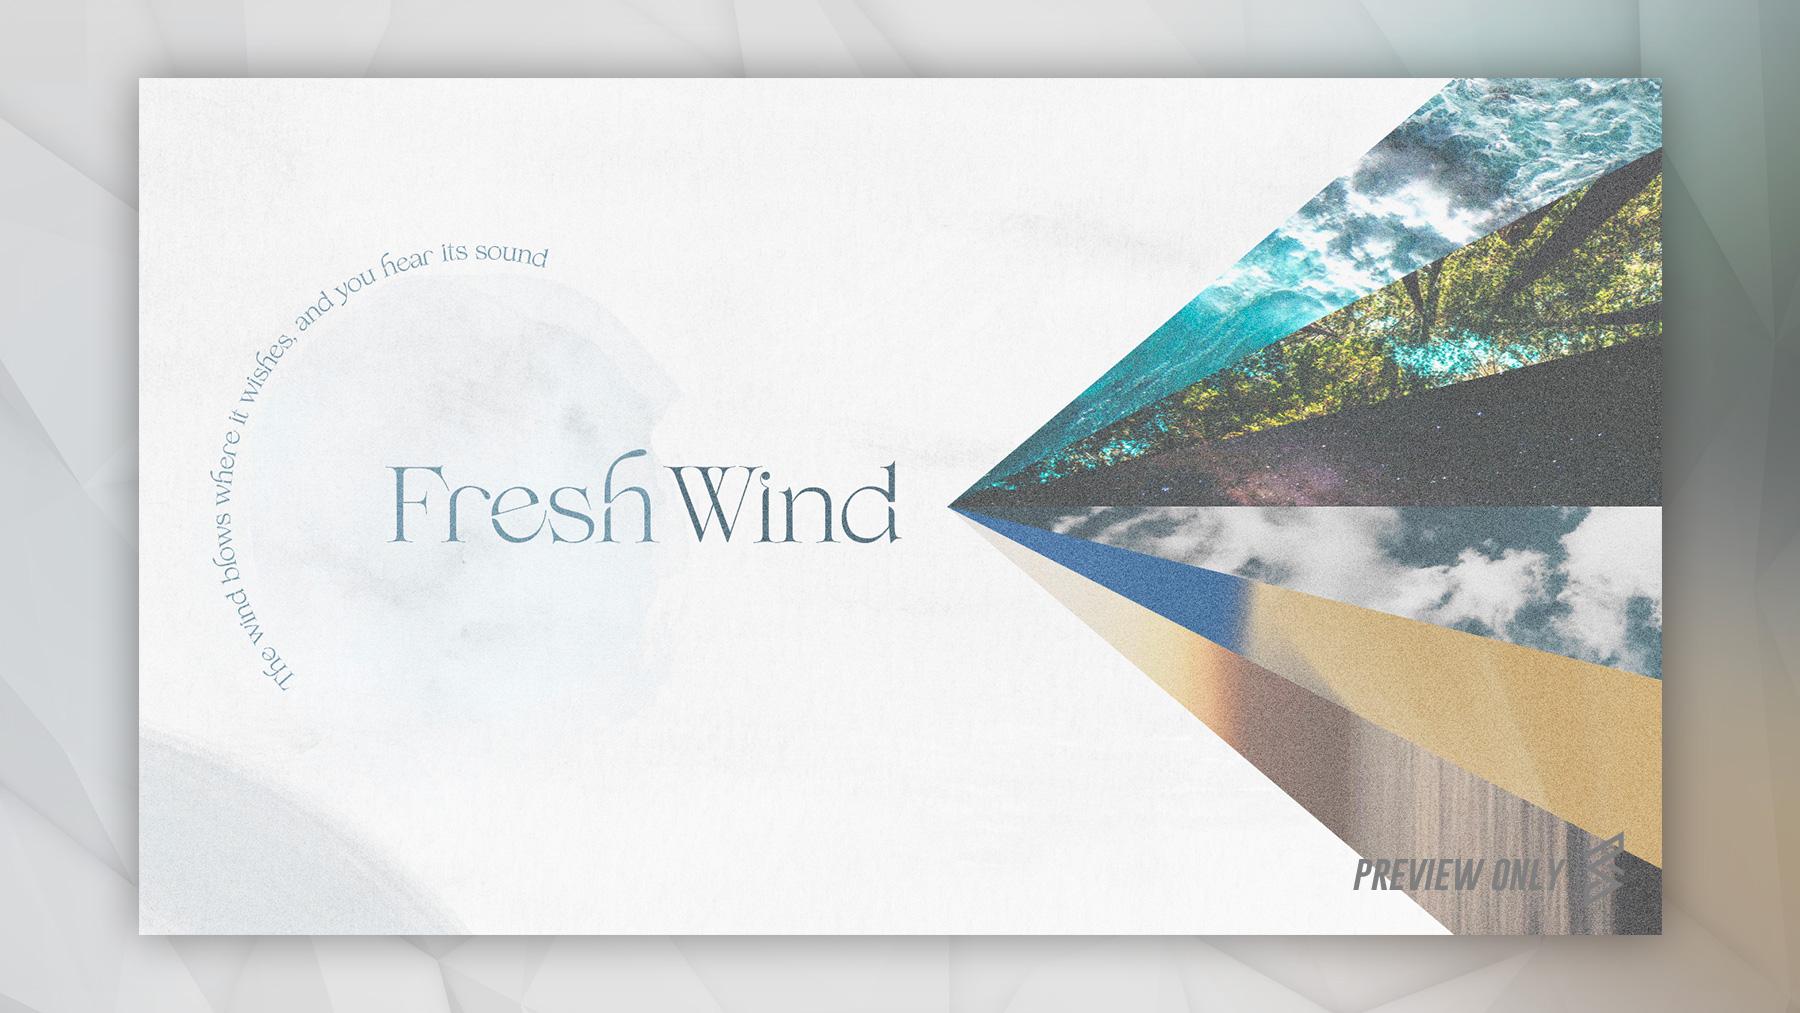 frsh stills preview 01